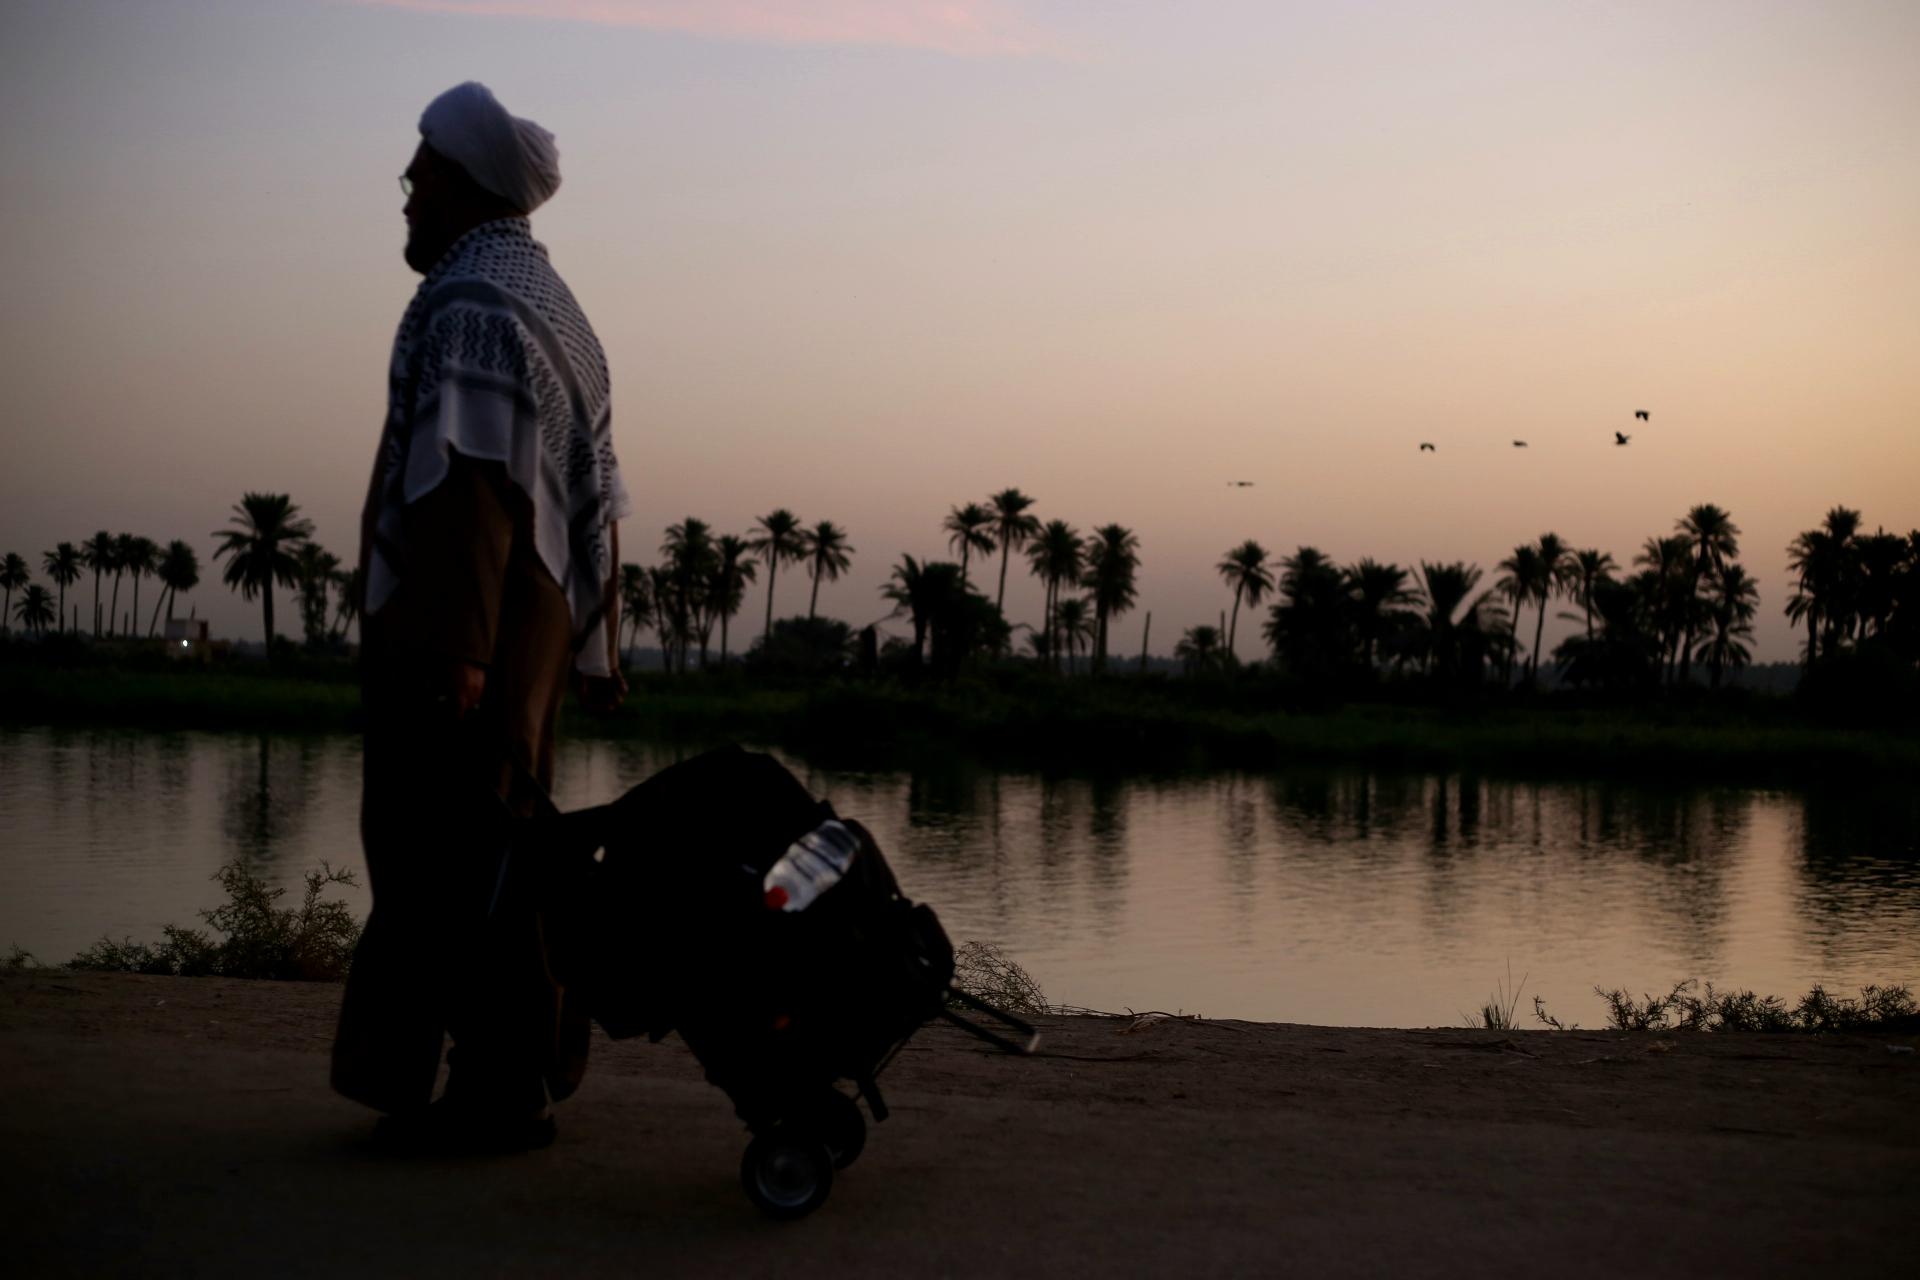 محبت عراقیها به زائران توجه مرا جلب کرد/ برگزاری نمایشگاهی بزرگ از عکسهای اربعینی در آیندهای نزدیک+ تصاویر